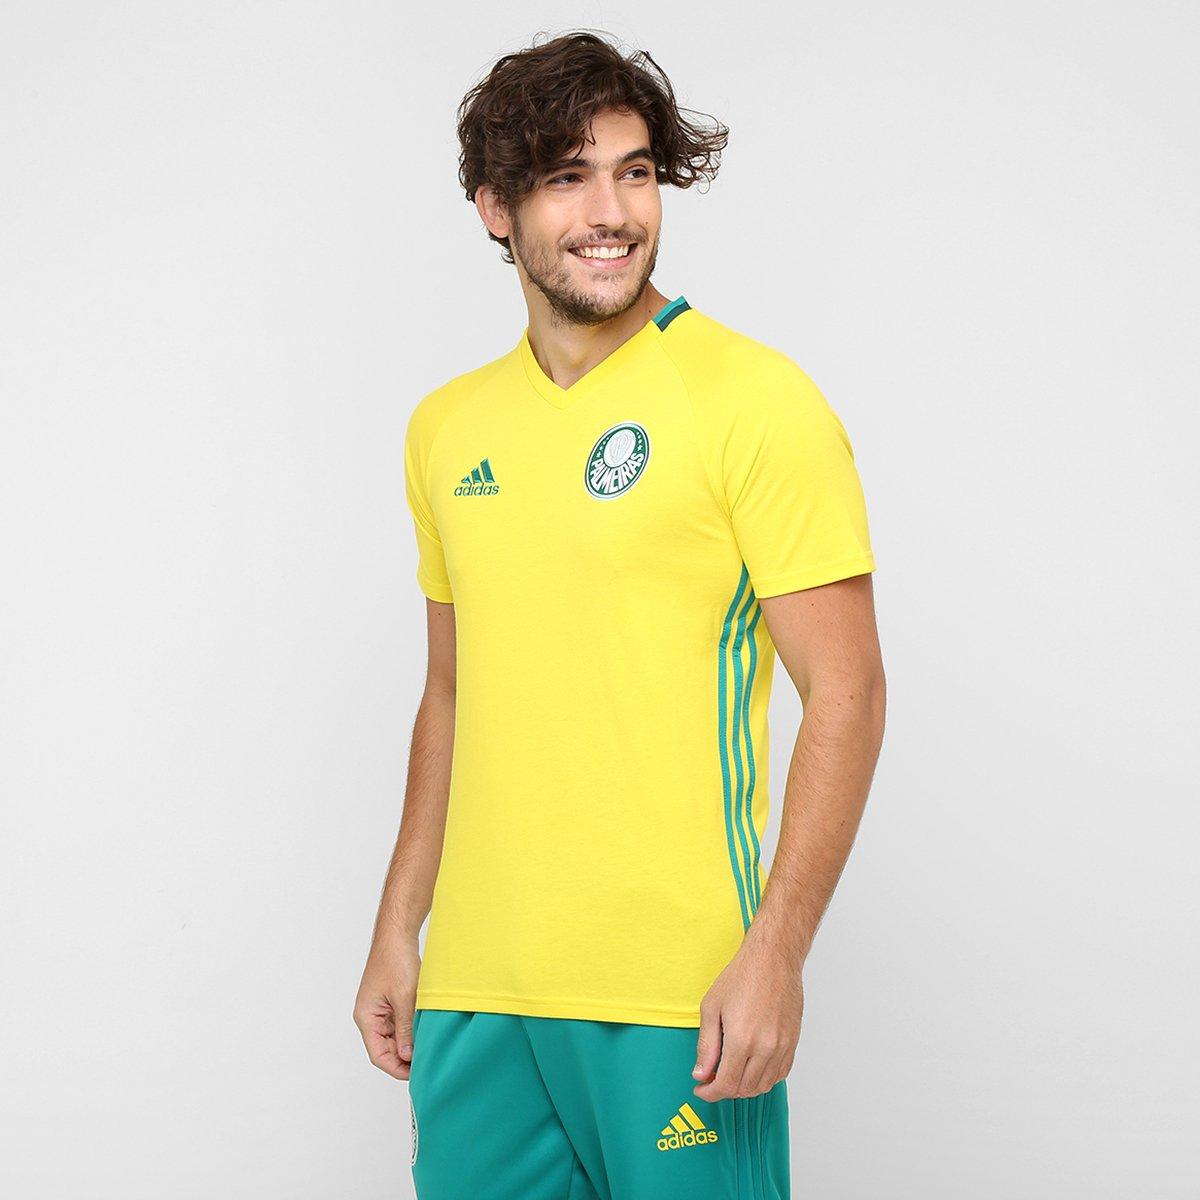 dee8c58bbb Camisa Adidas Palmeiras Viagem - Compre Agora